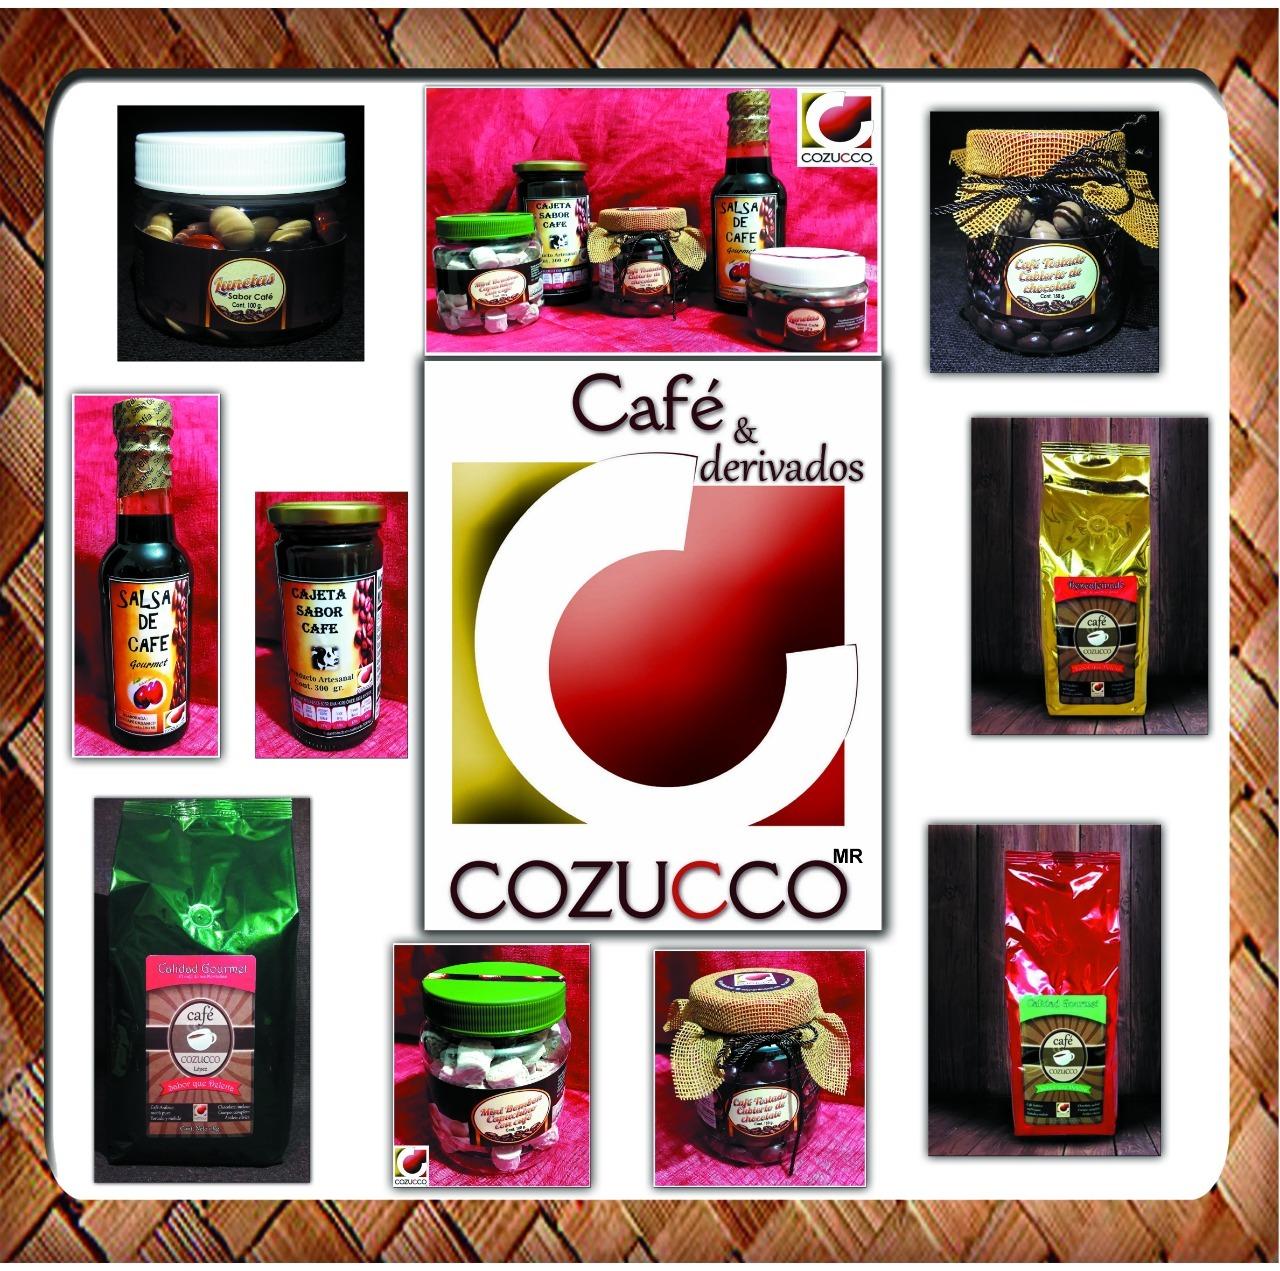 Diferentes productos a base de café, como Salsa de café, cajeta de café, obleas con cajeta de café